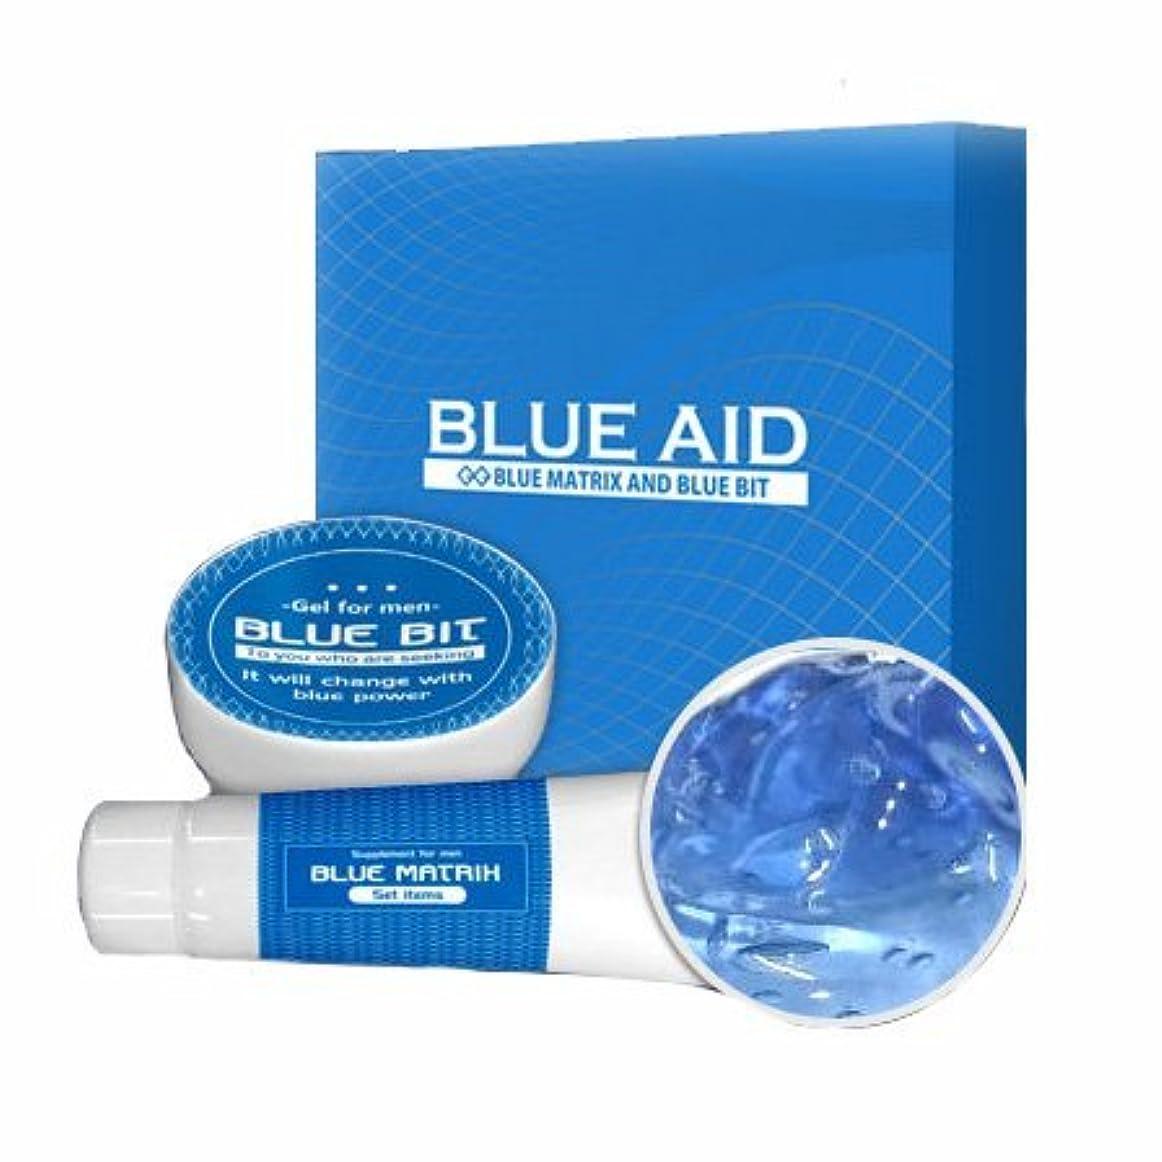 競合他社選手悲観主義者毒液BLUE AID(ブルーエイド)【ブルーマトリクス+ブルービット】